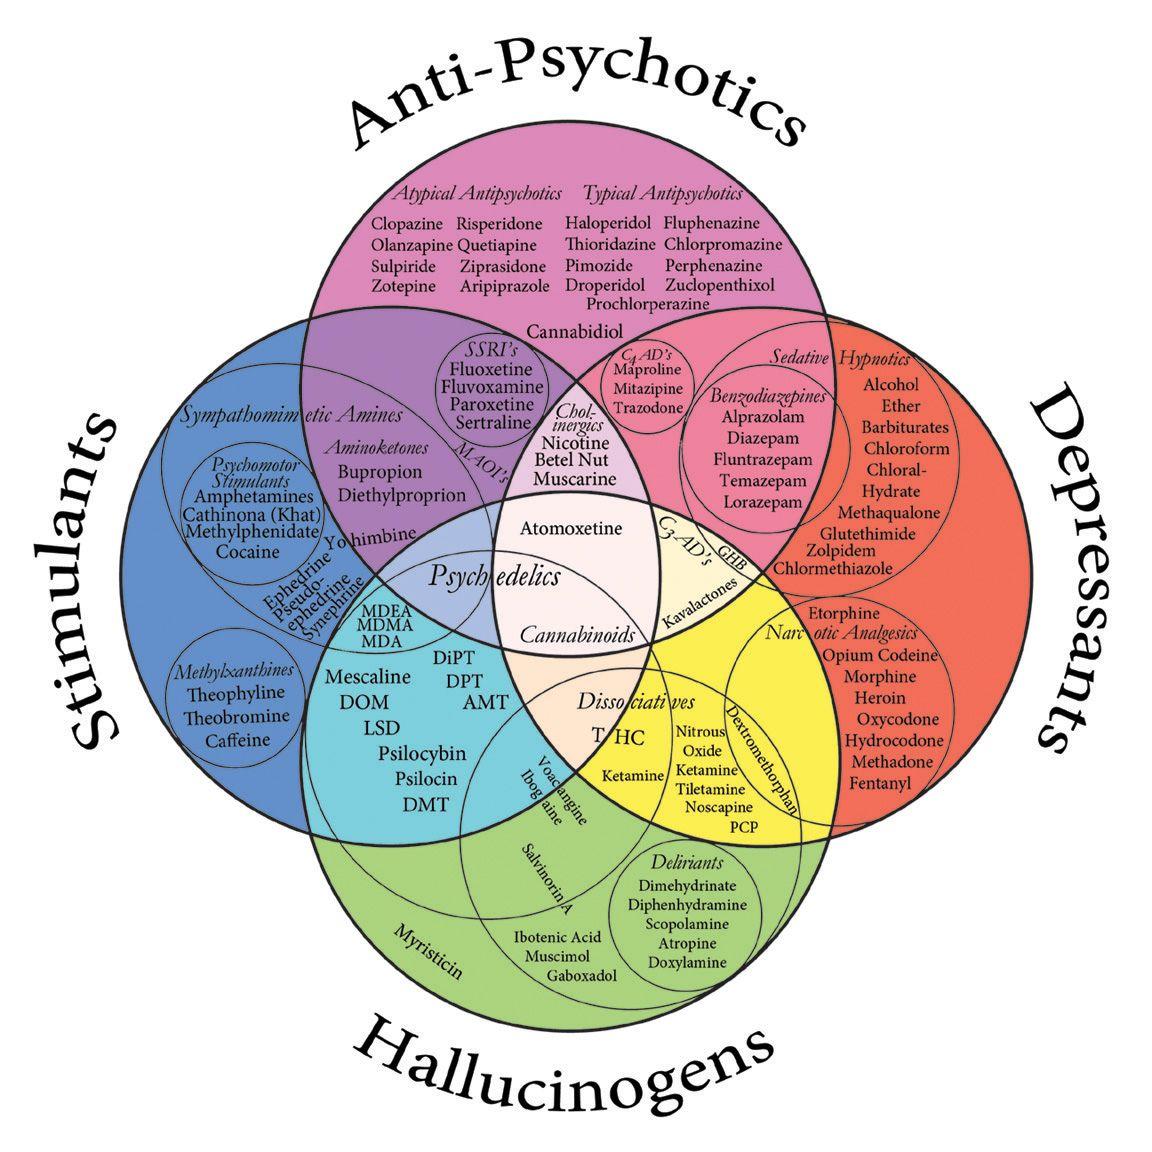 psychotropicgames.com